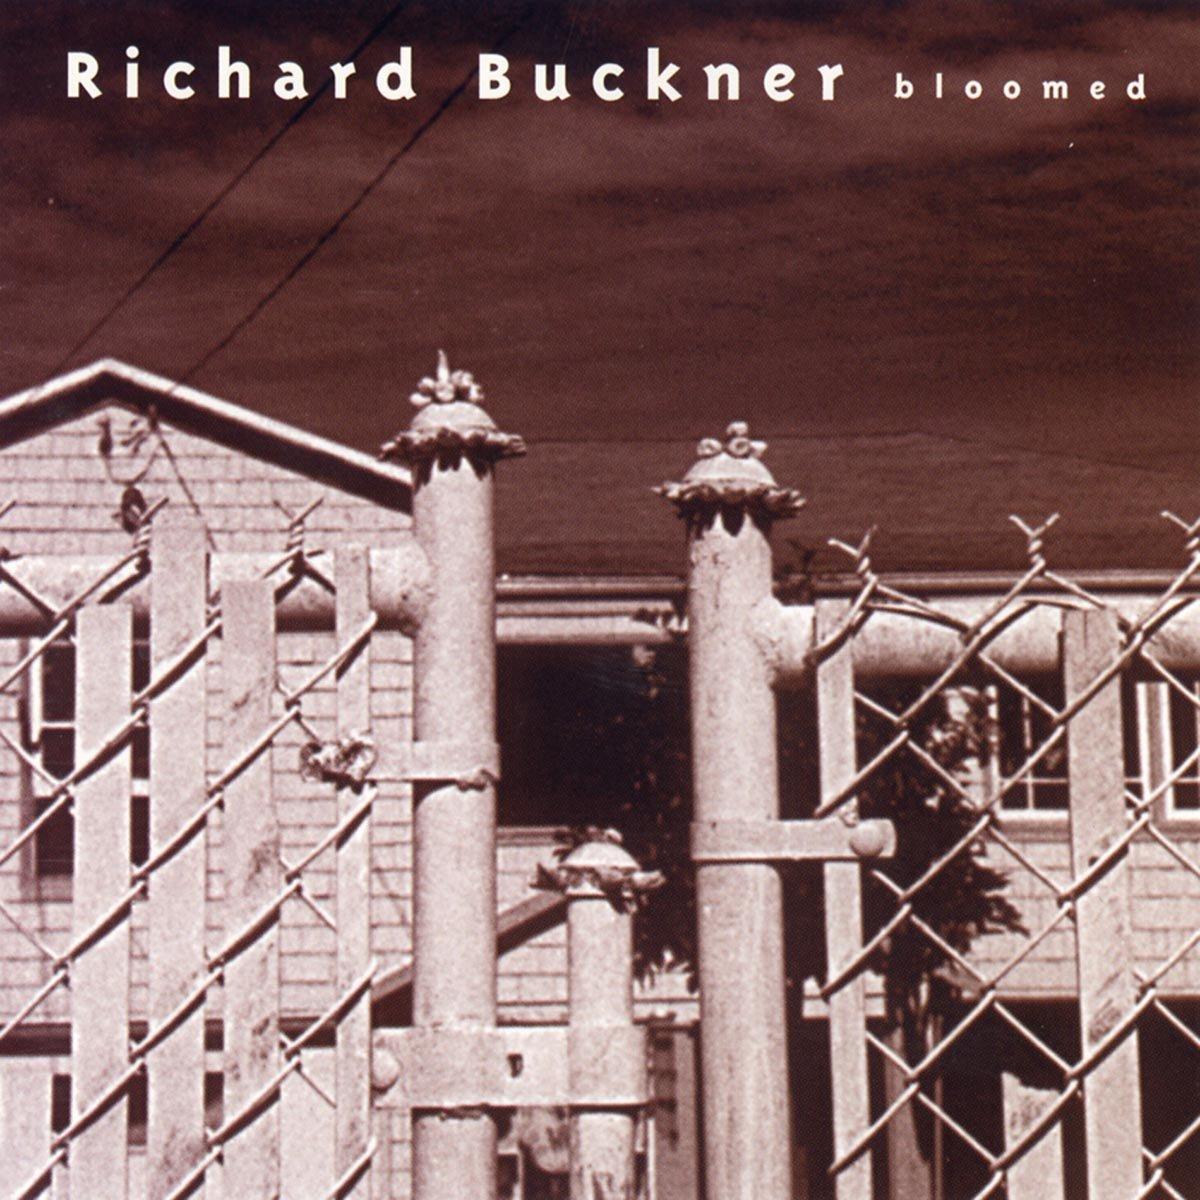 Richard Buckner-Bloomed-REISSUE-CD-FLAC-1999-FLACME